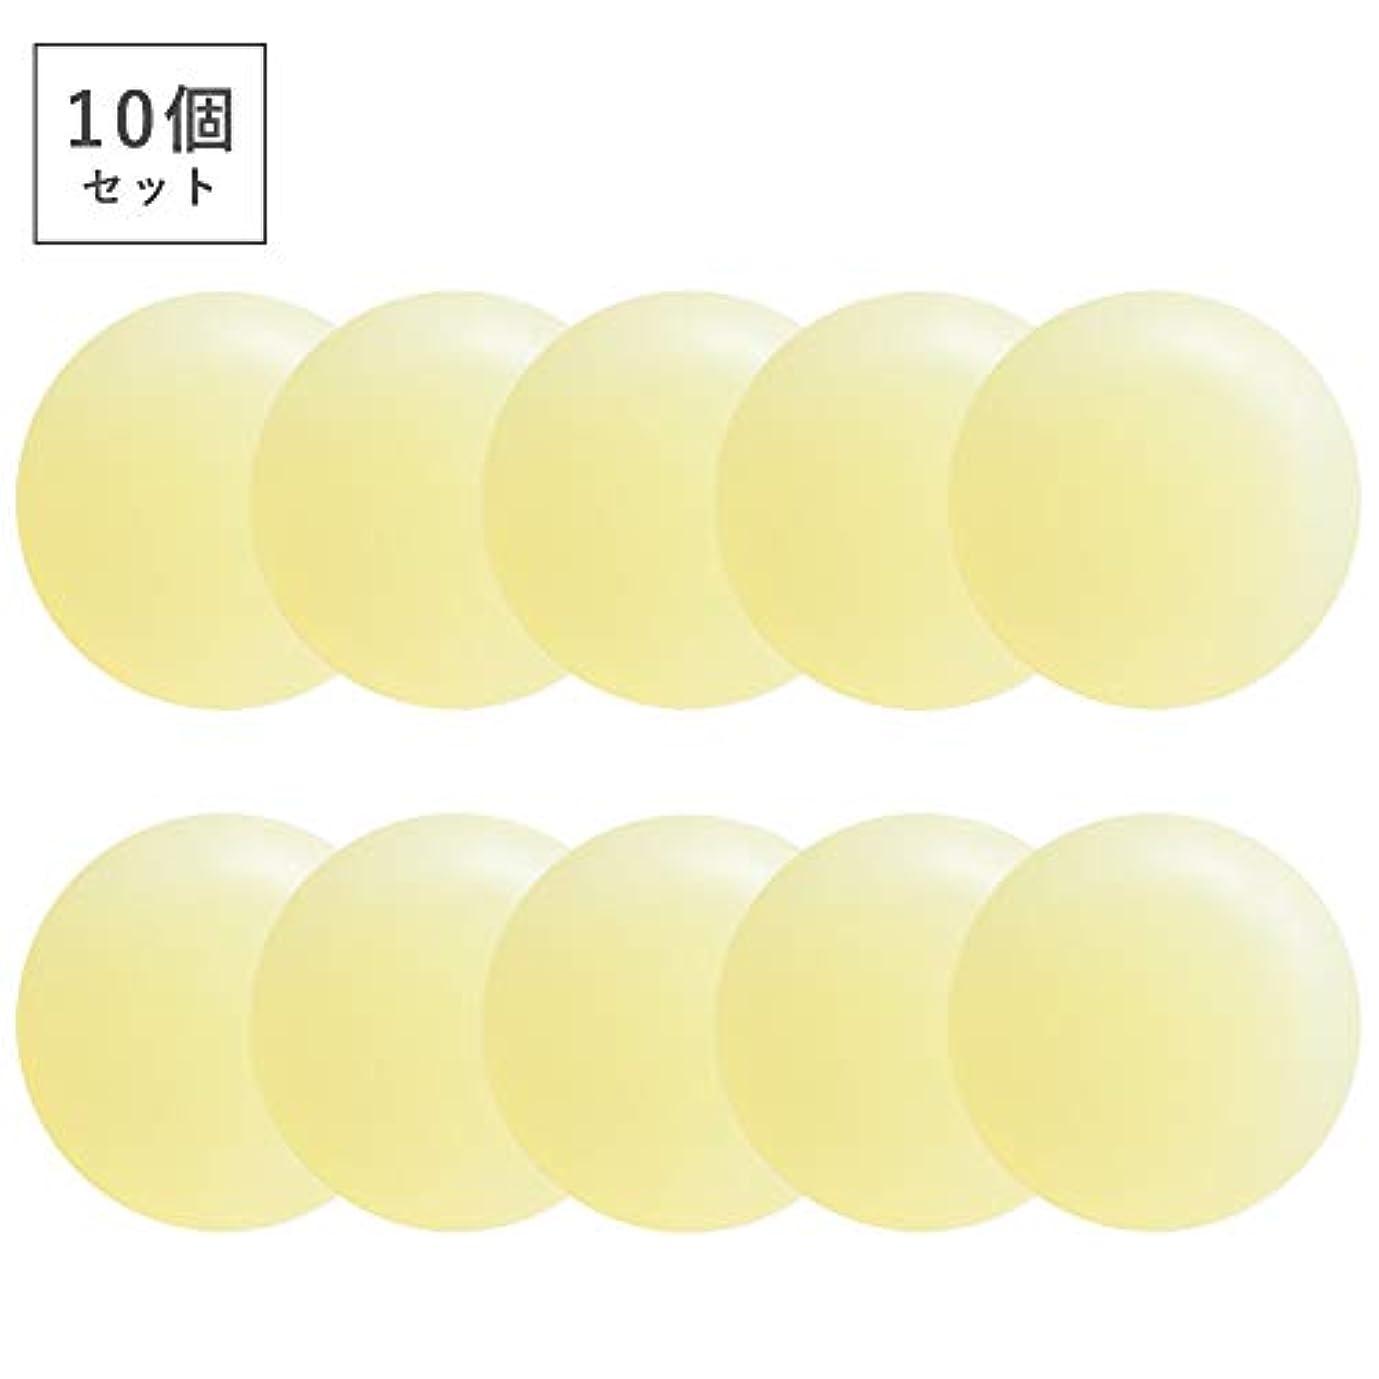 リハーサルレーダー面積【10個セット】ミョウバン柿渋石鹸(ナチュラルクリアソープ) (10個)